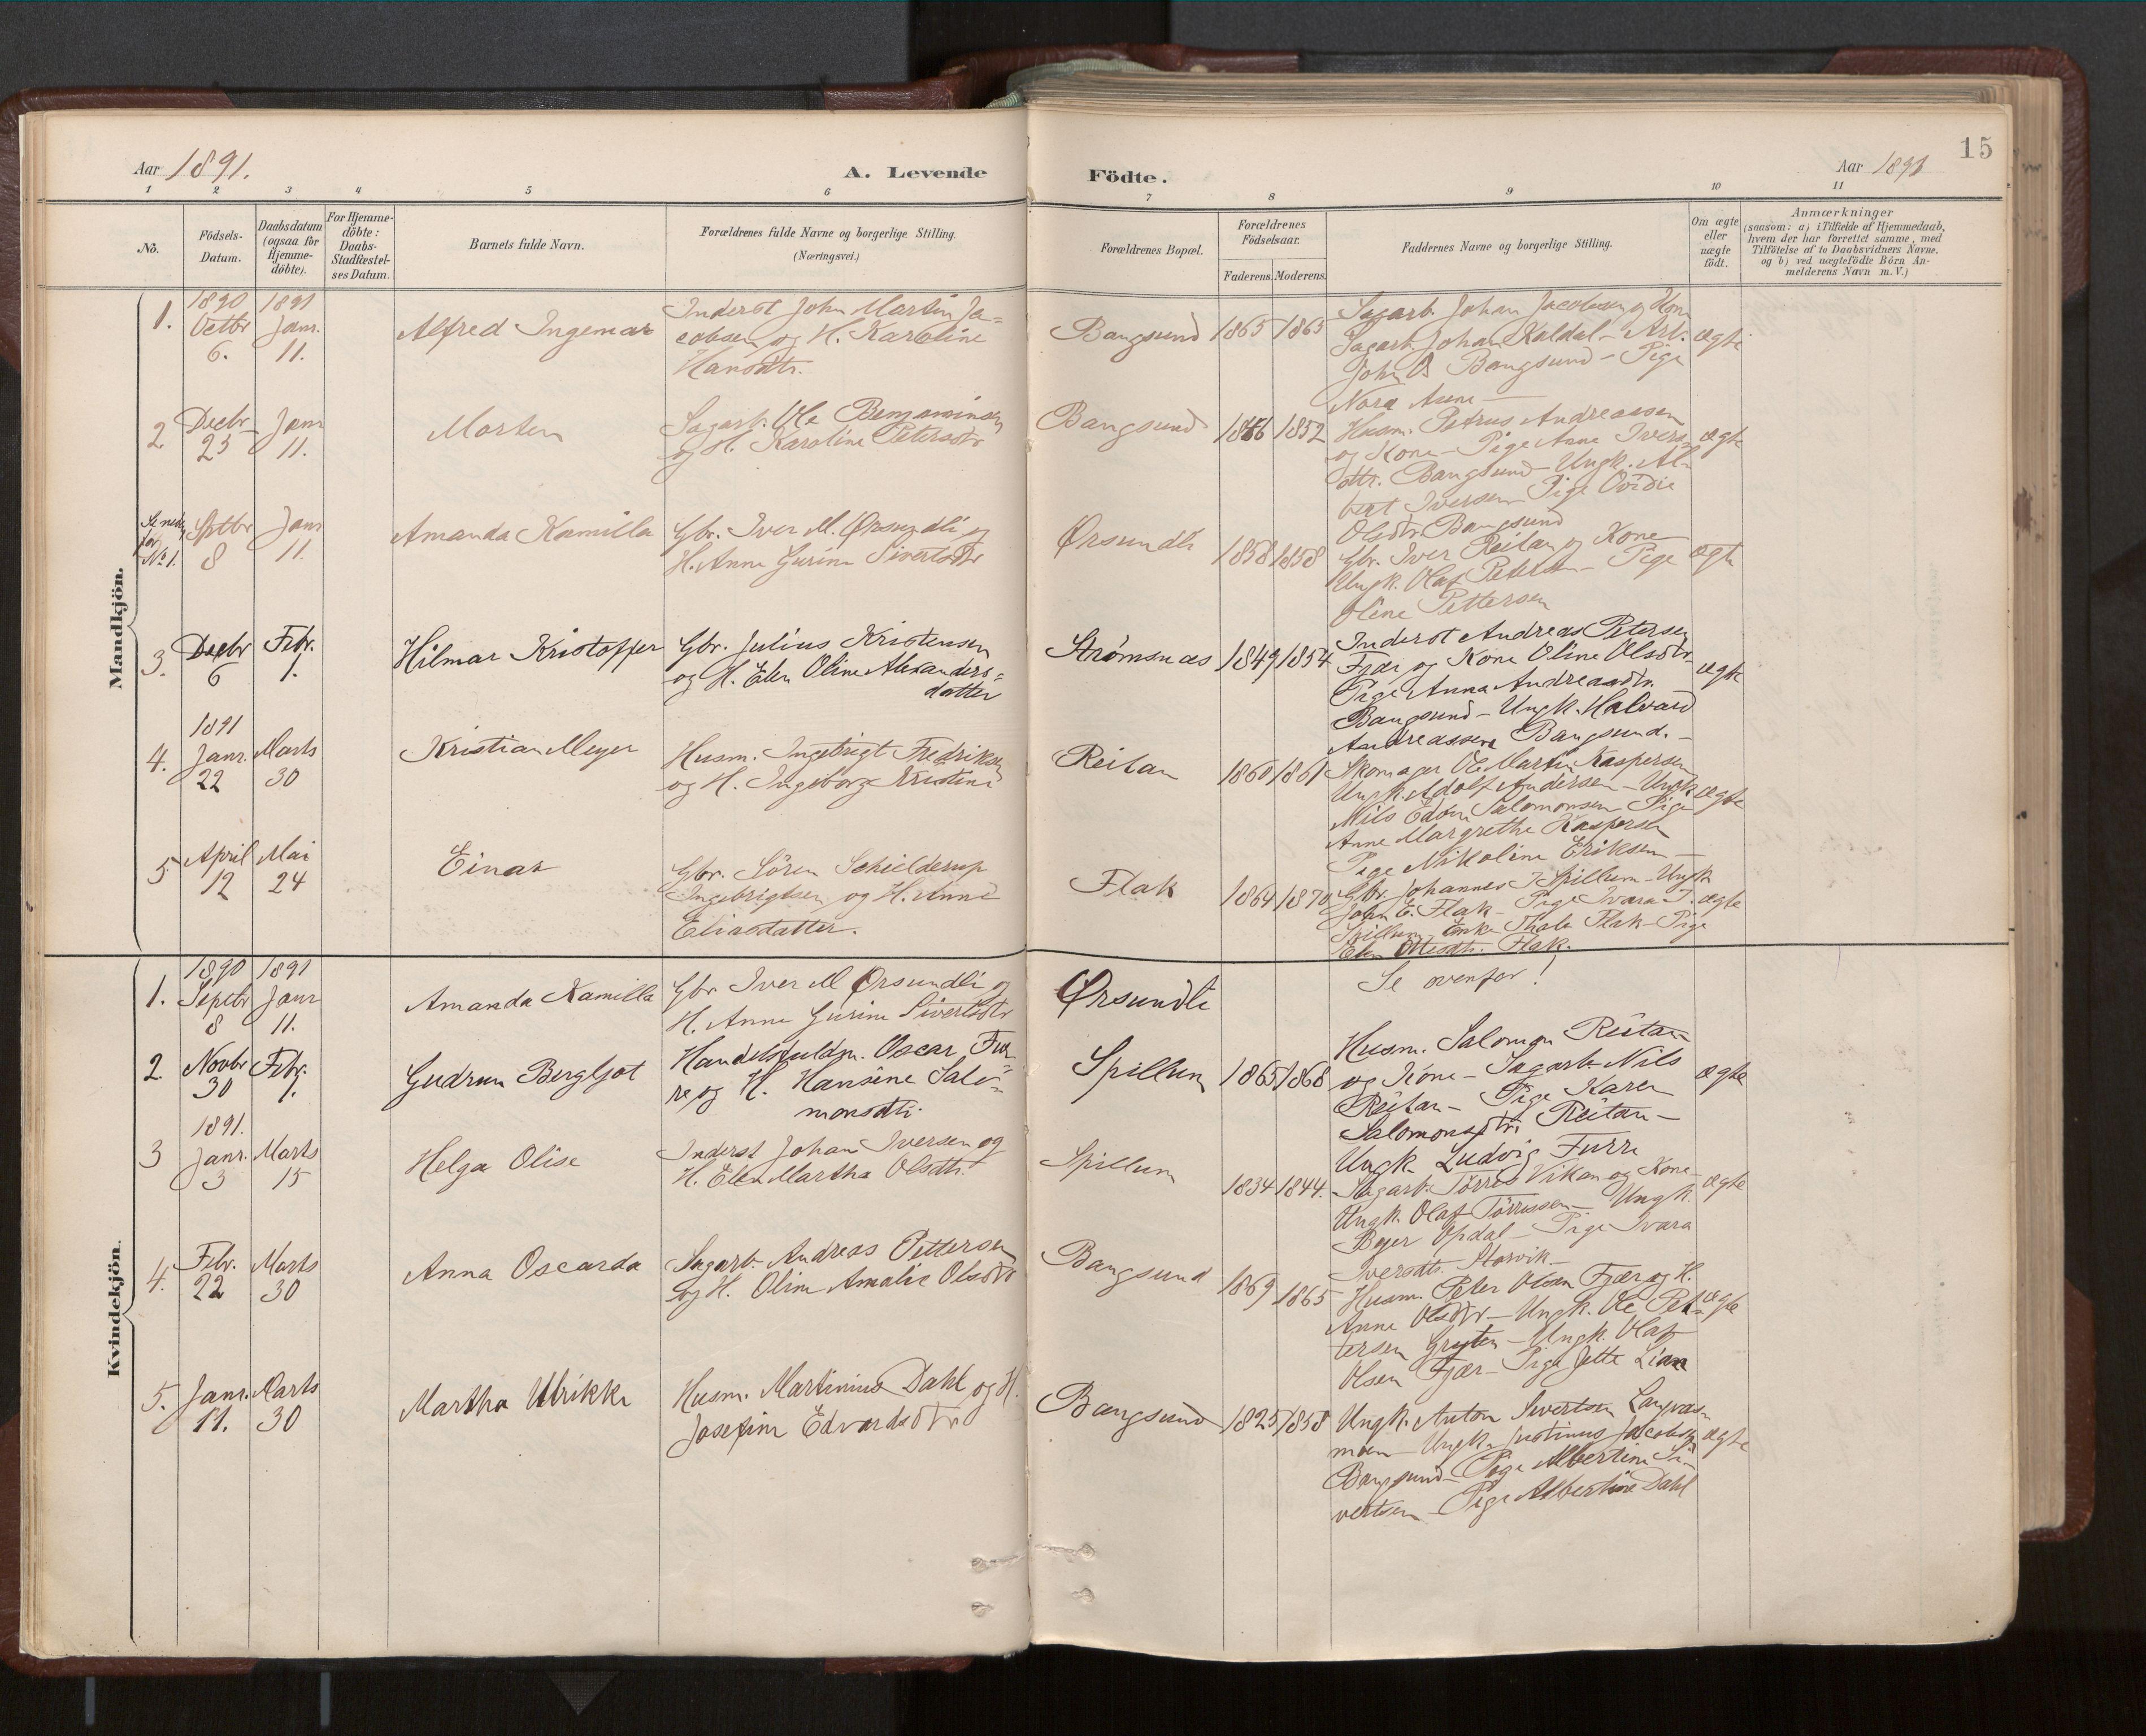 SAT, Ministerialprotokoller, klokkerbøker og fødselsregistre - Nord-Trøndelag, 770/L0589: Ministerialbok nr. 770A03, 1887-1929, s. 15